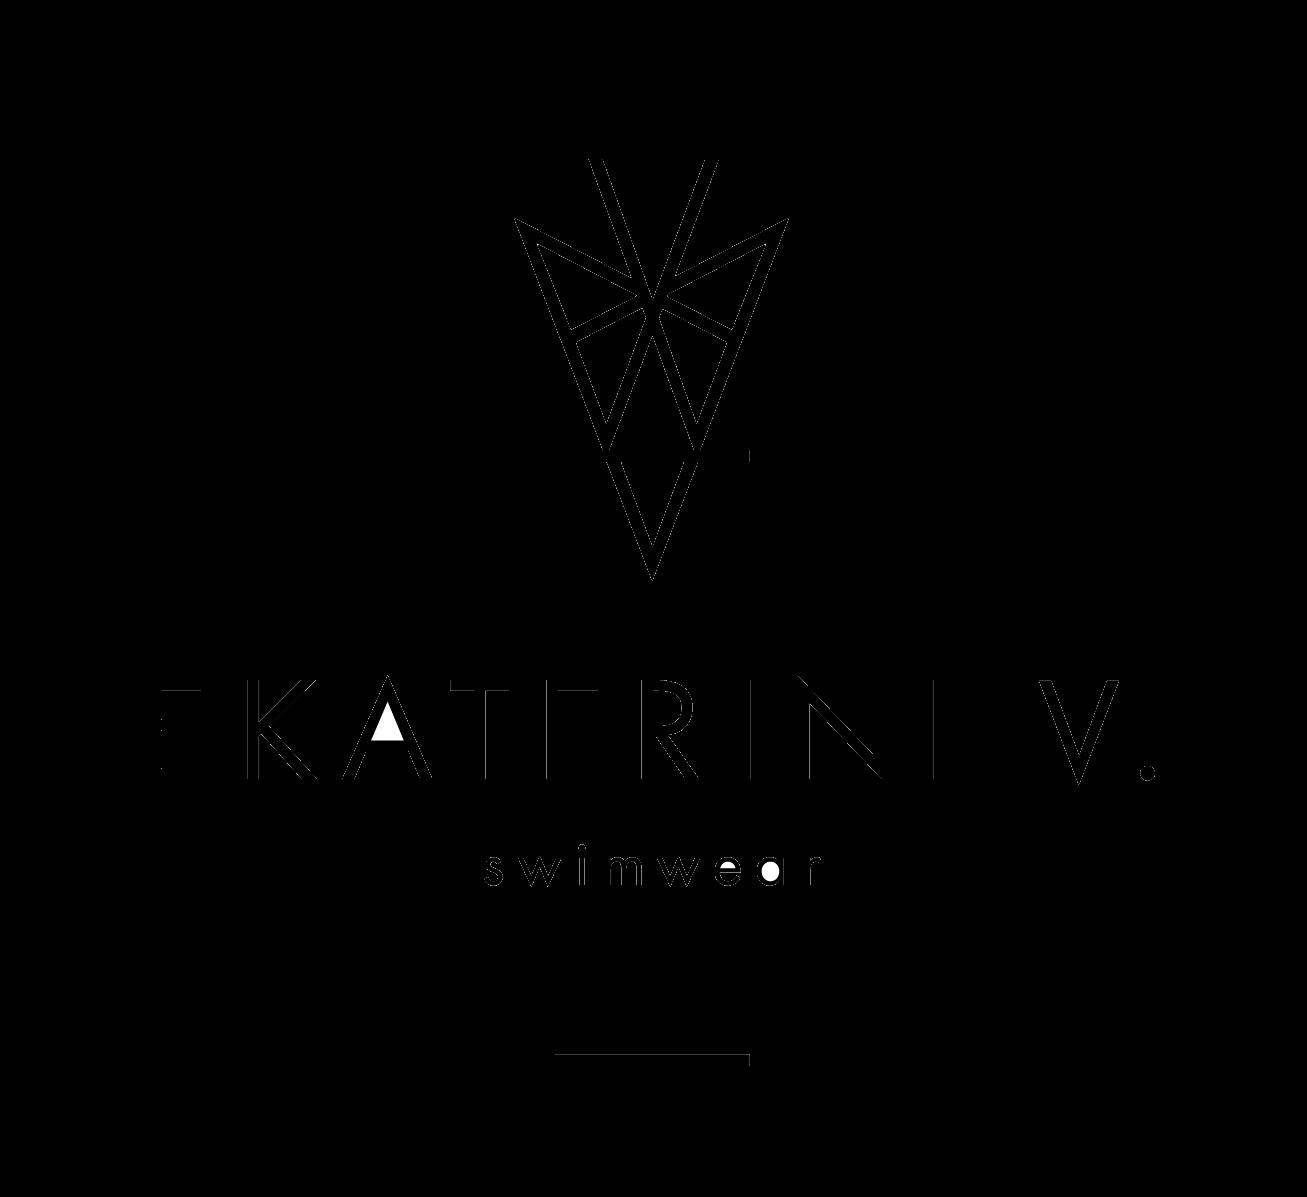 Ekaterini V